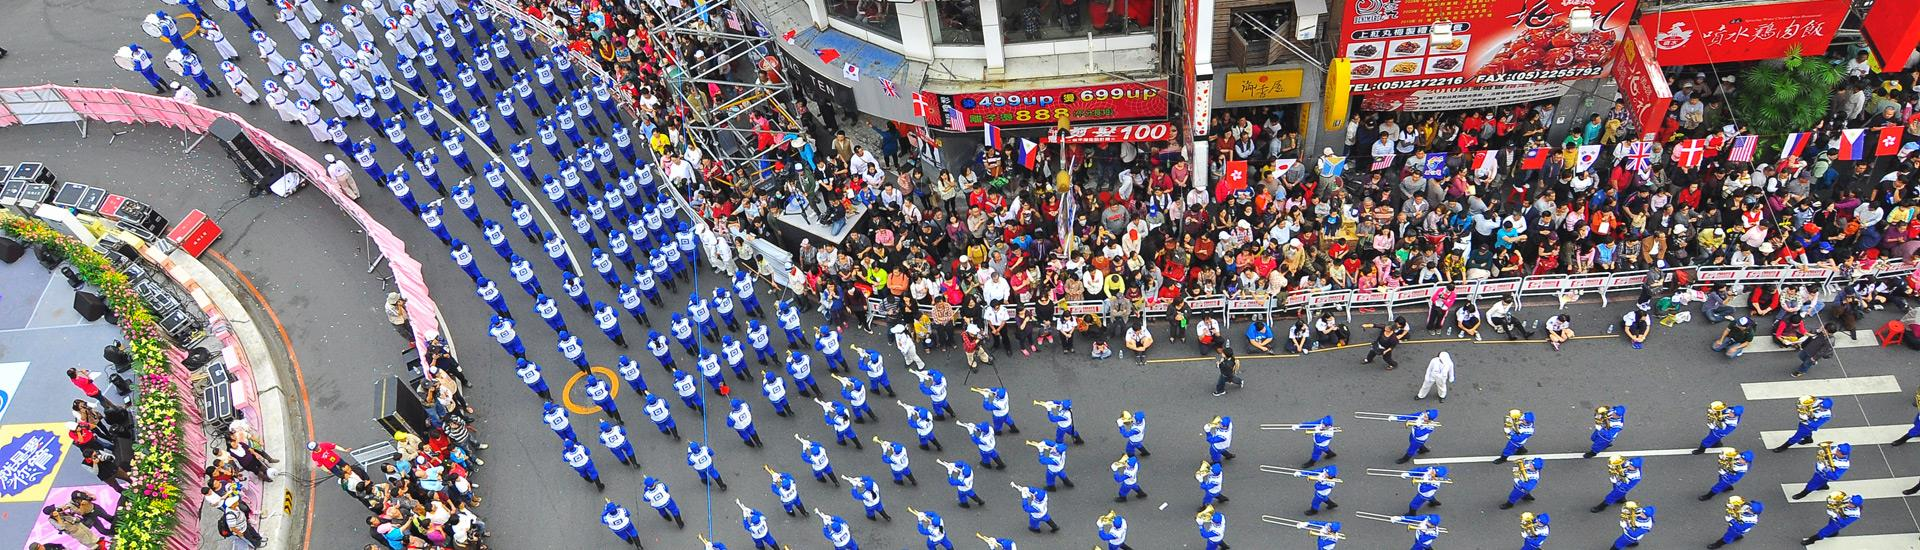 嘉義市国際バンドフェスティバルのパレード